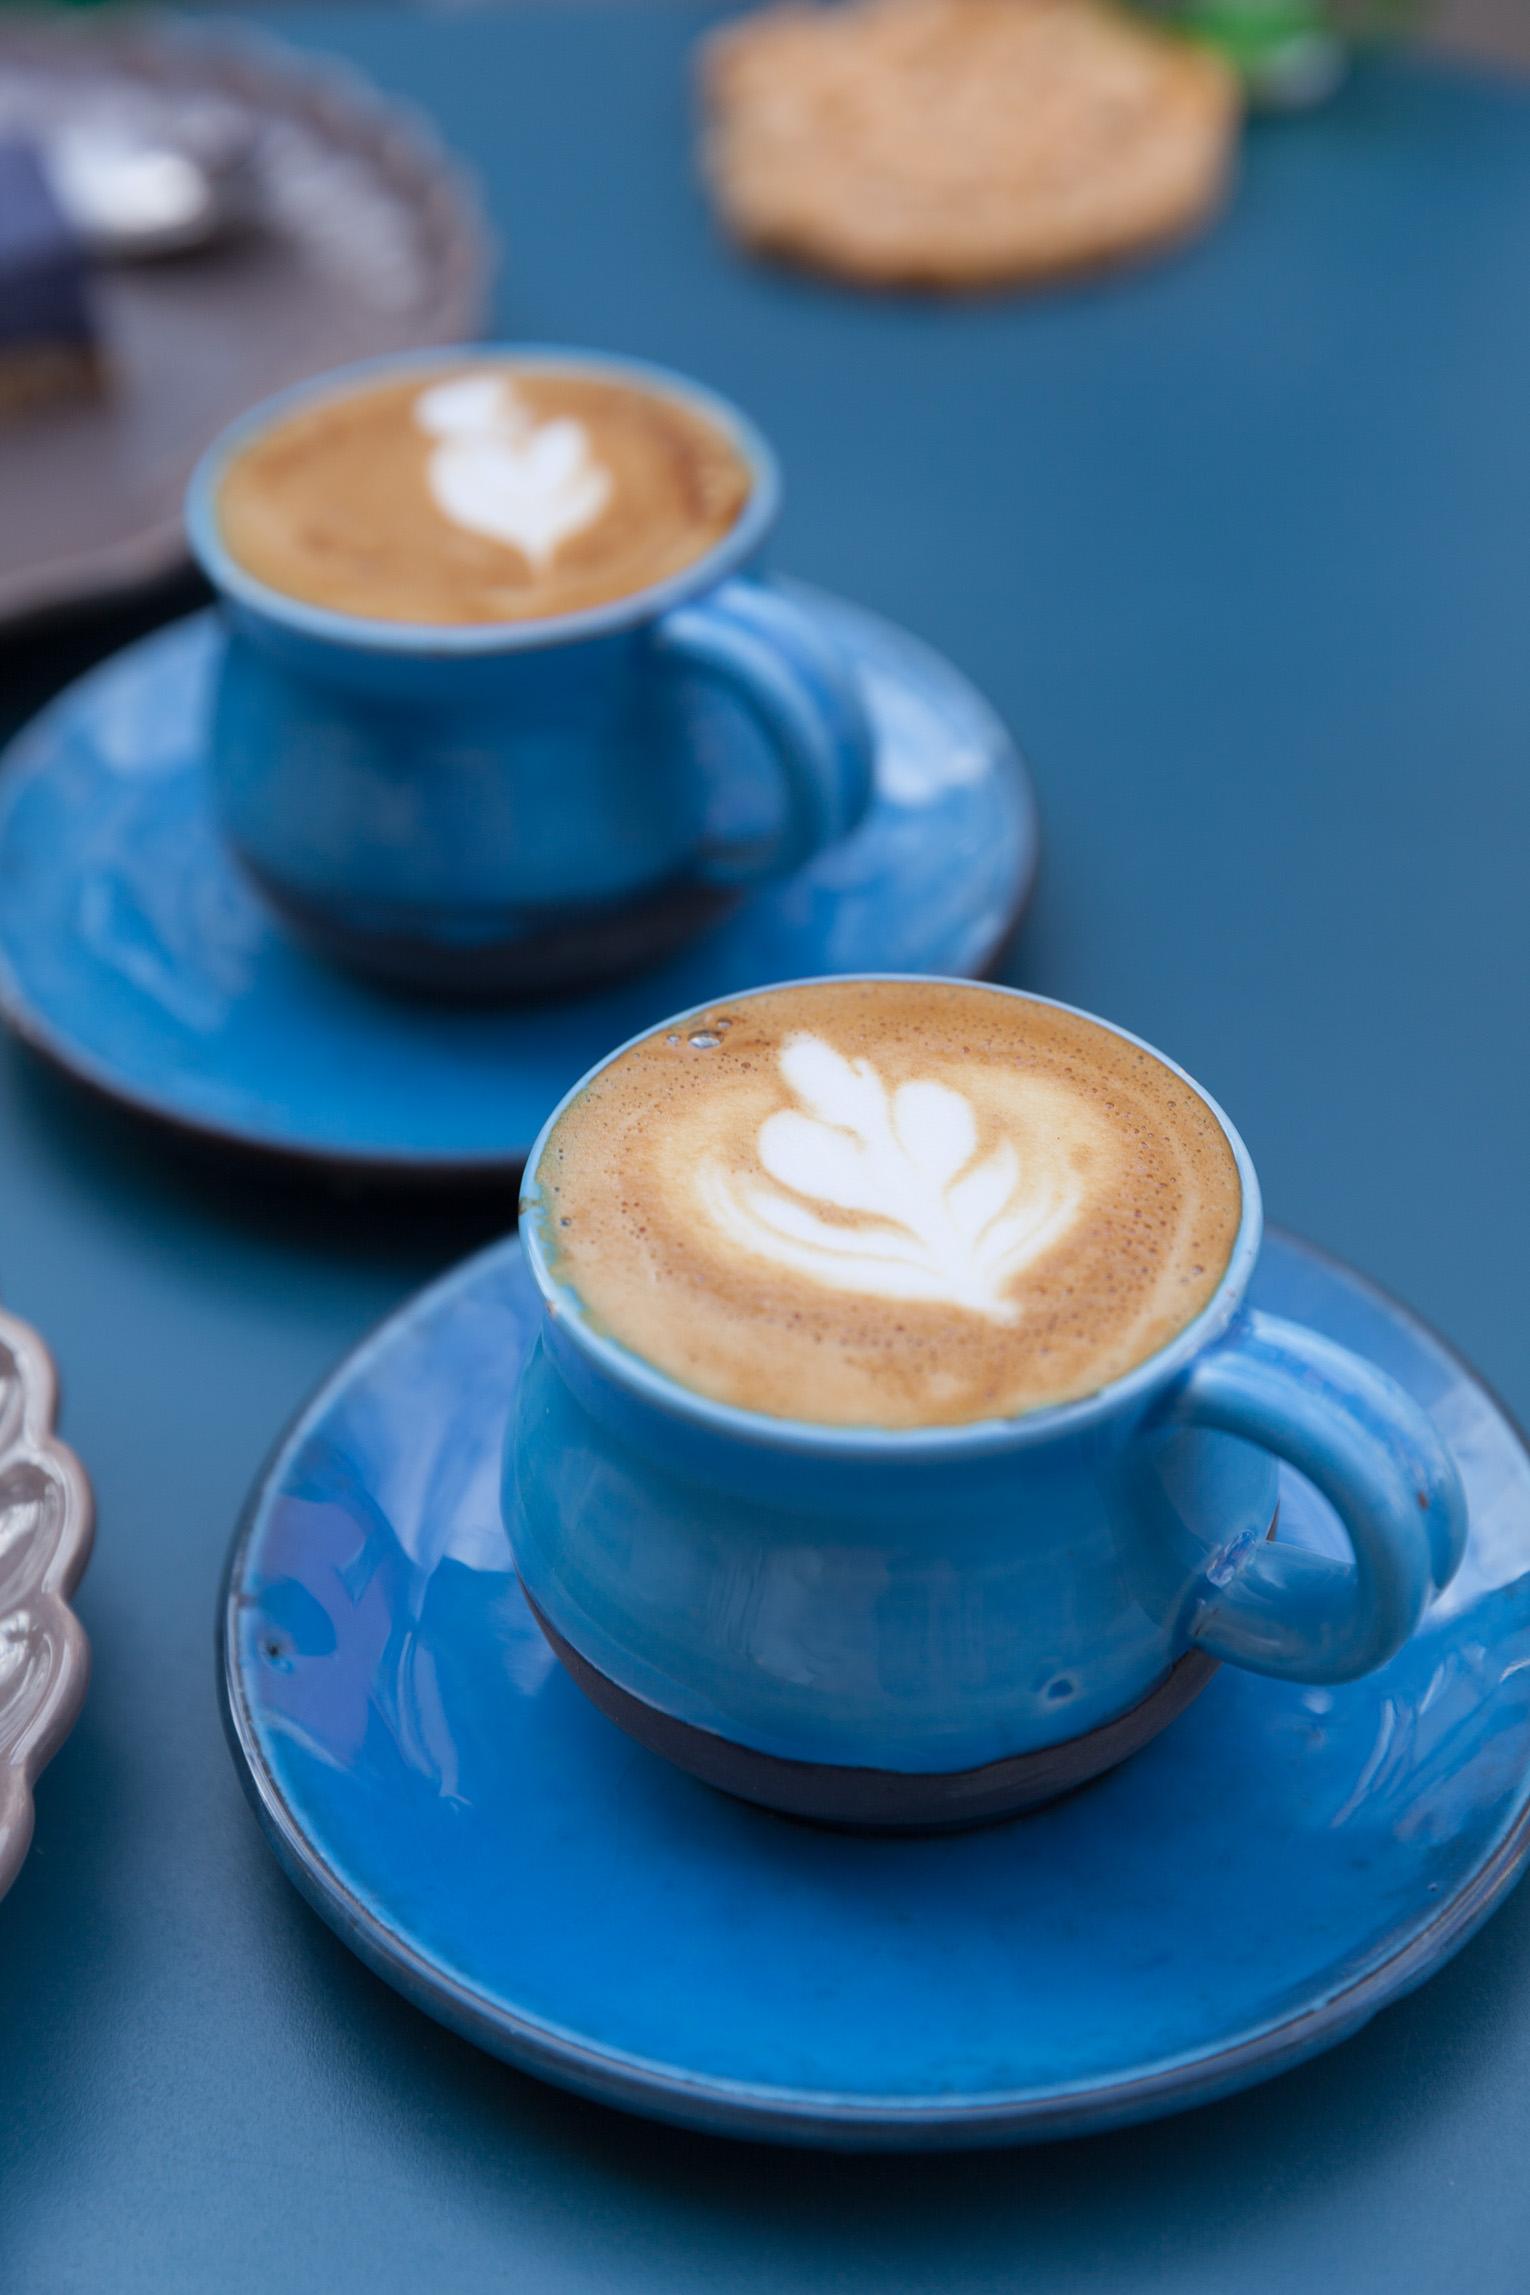 Oas kaffe